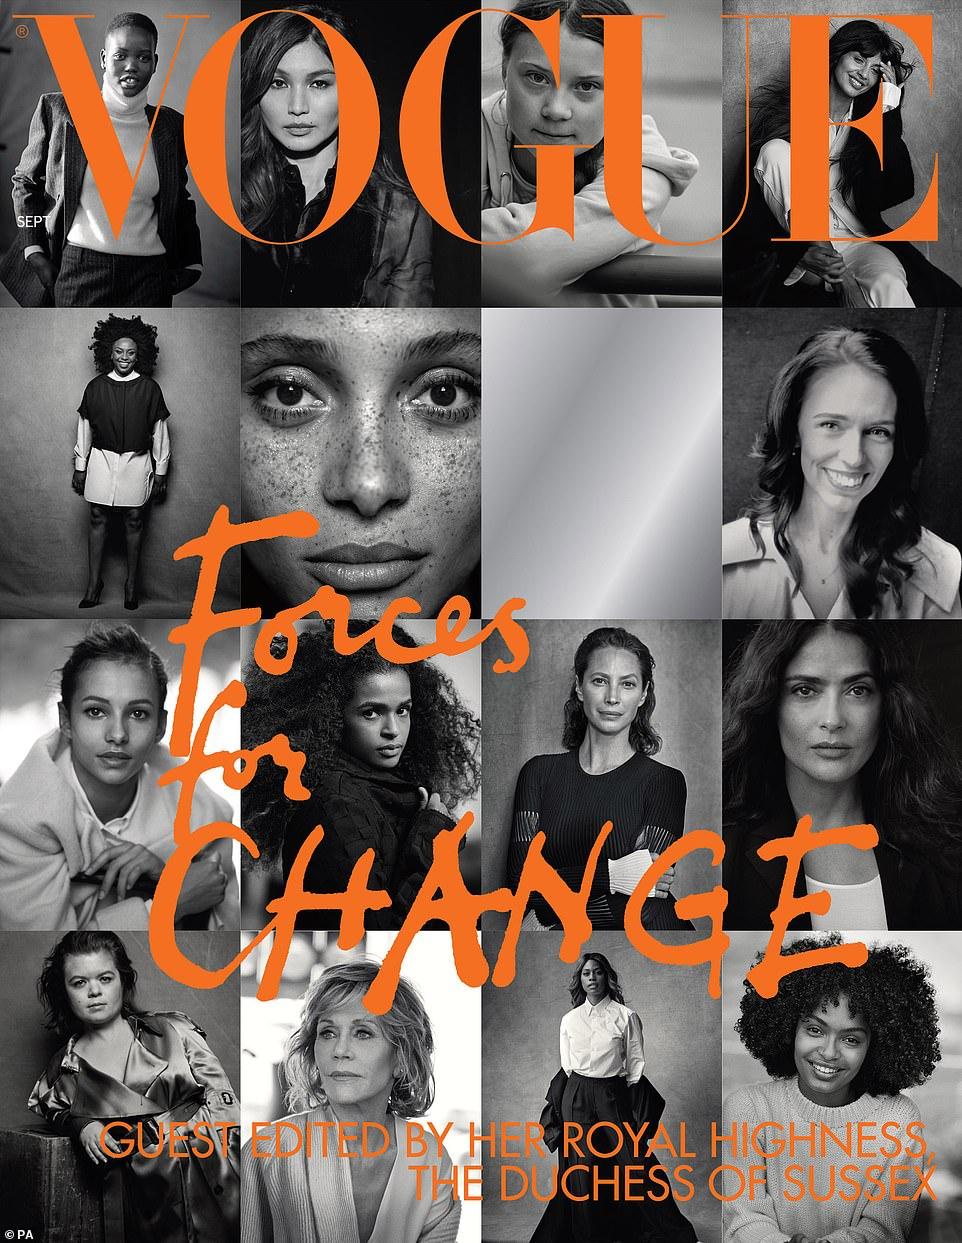 Меган Маркл доверили сделать обложку Vogue, но результат раскритиковали